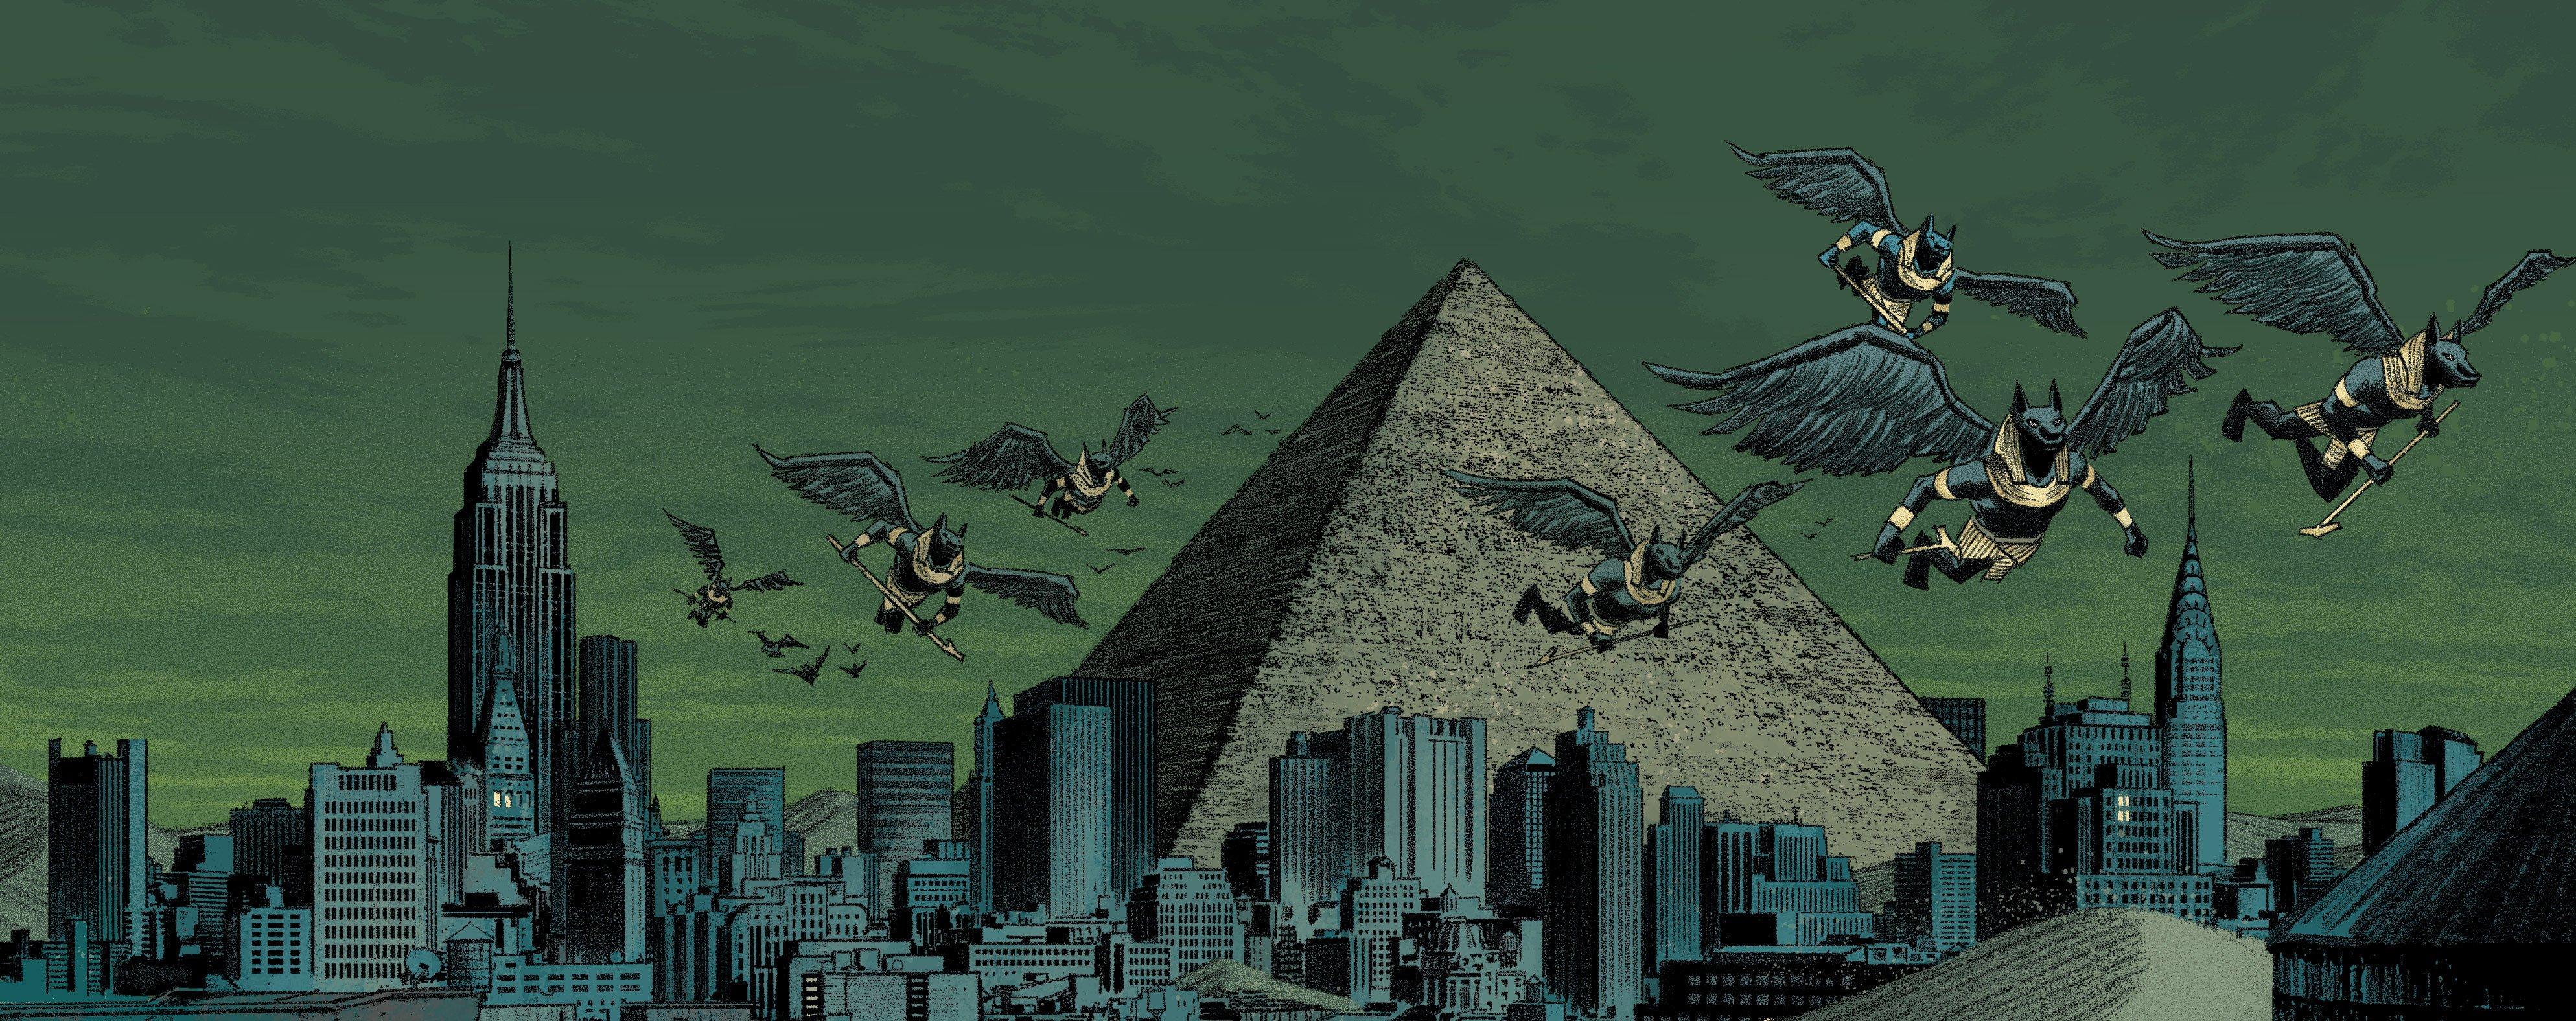 Лунный Рыцарь. Добро пожаловать в Египет. - Изображение 2